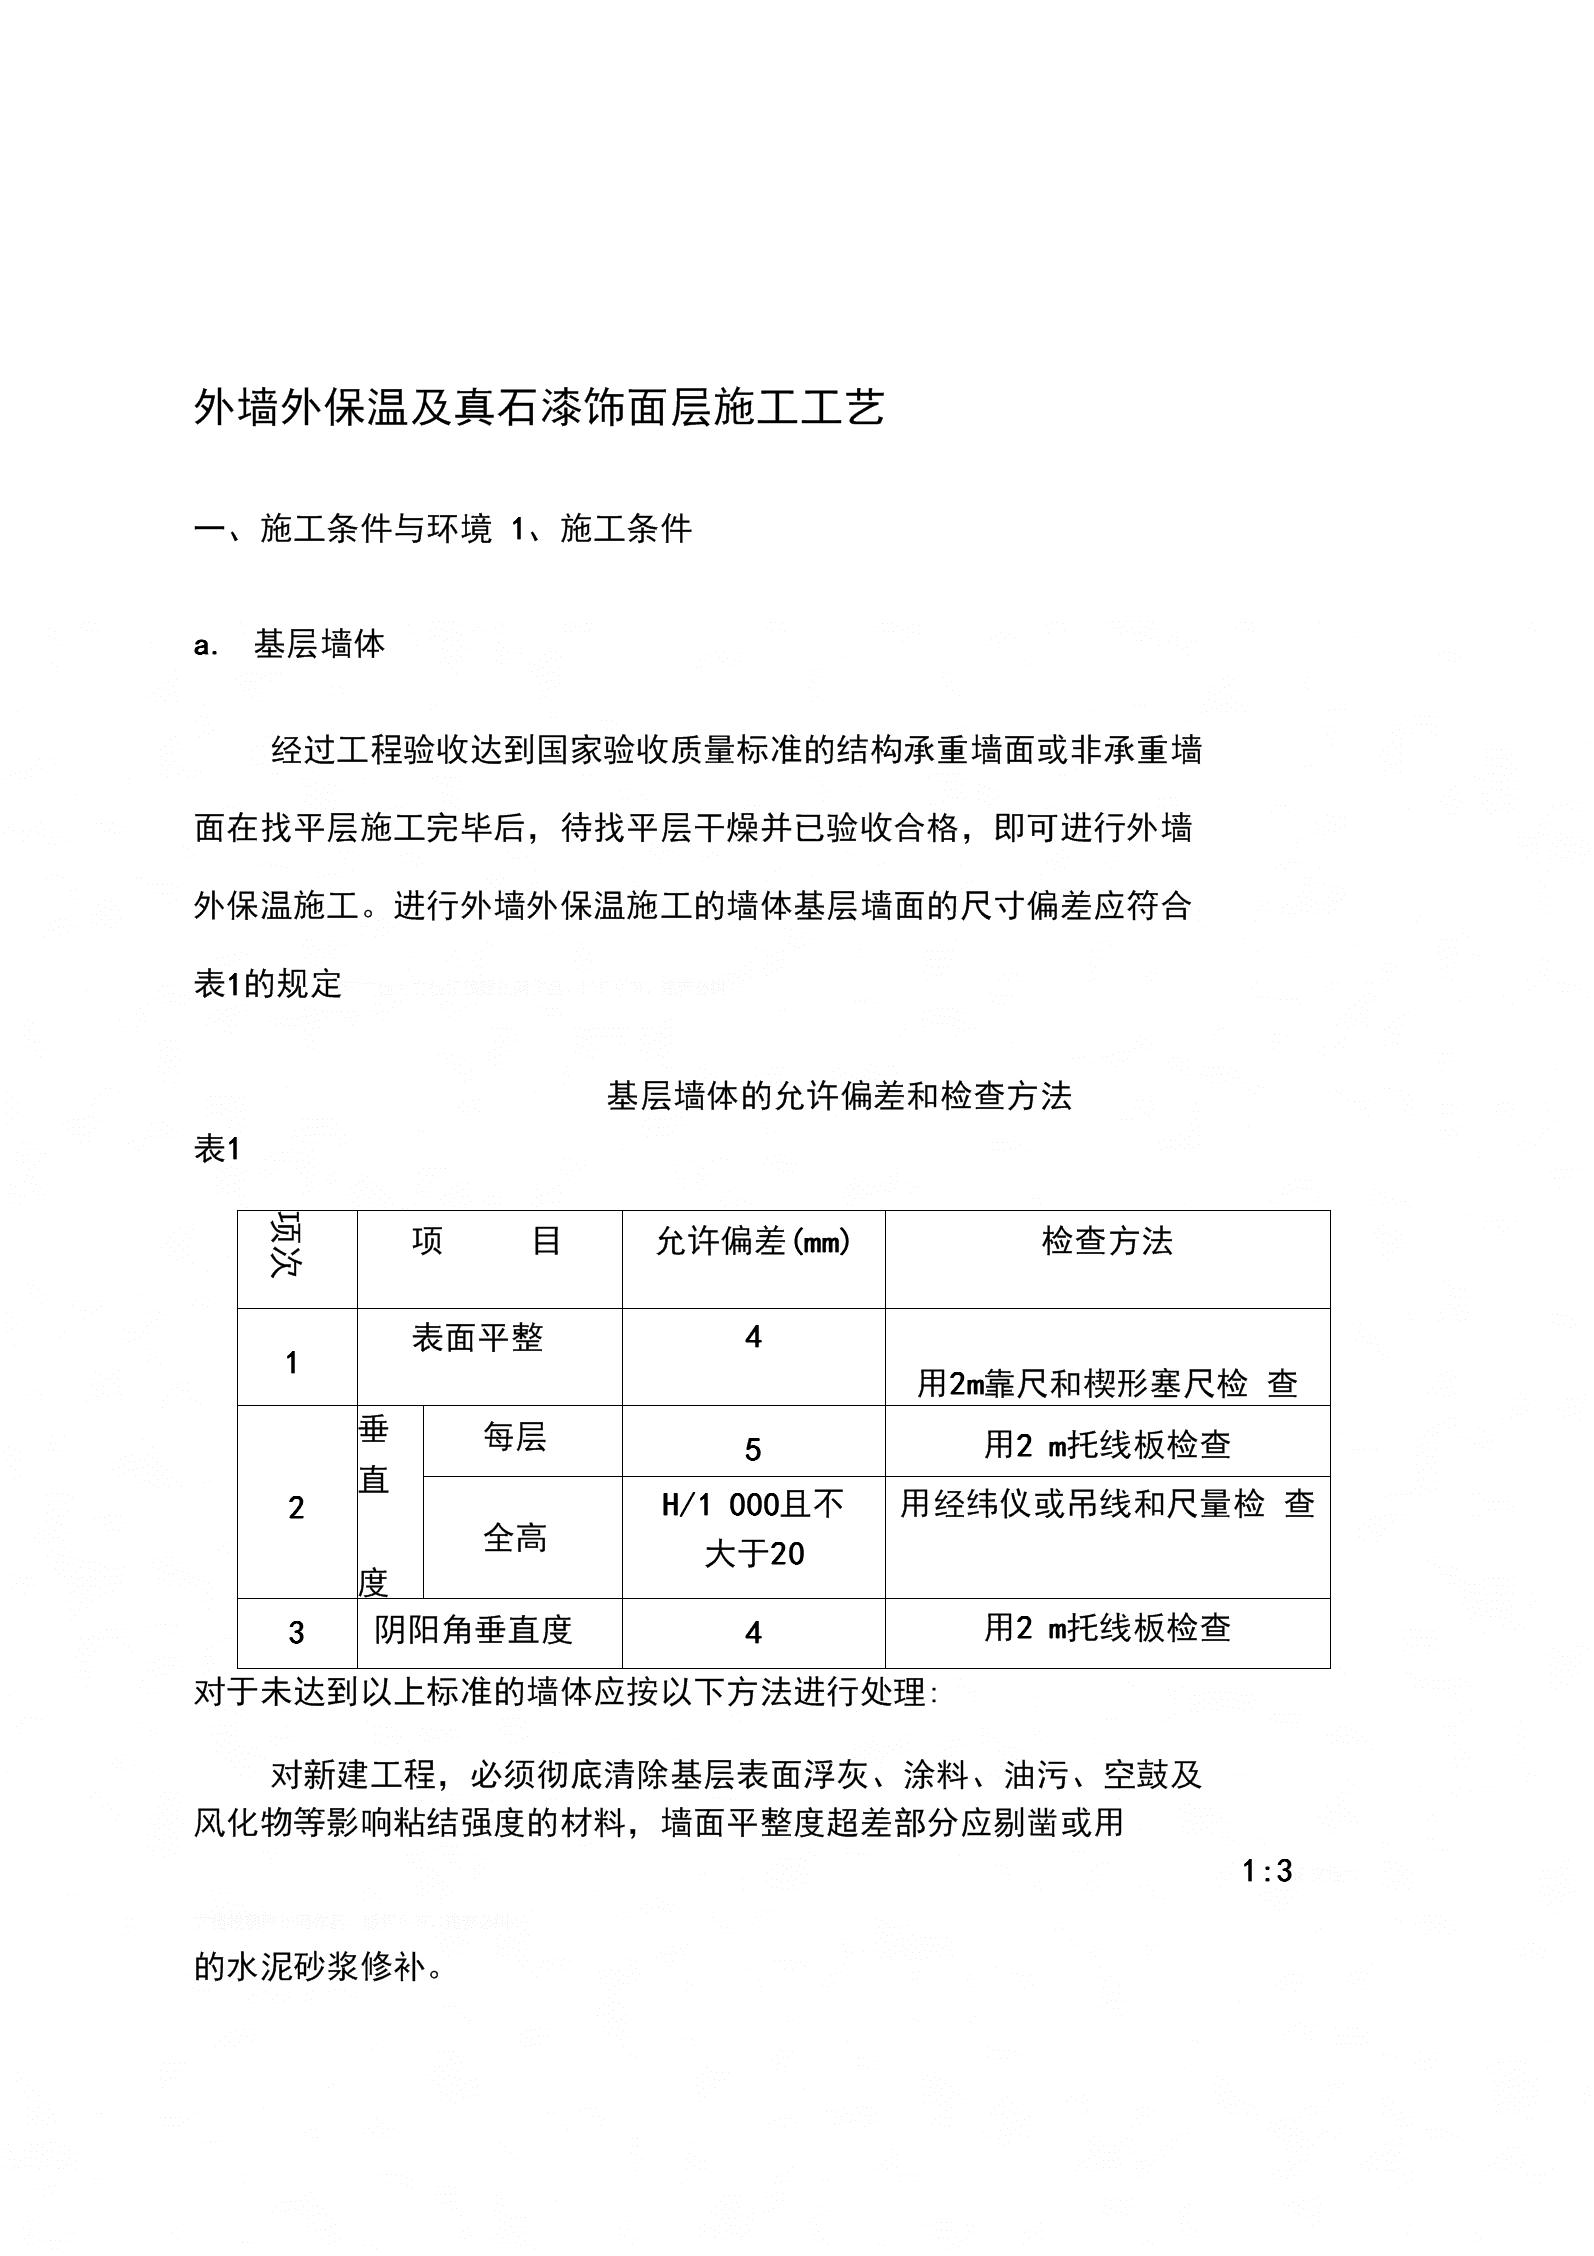 外墙外保温及真石漆饰面层施工工艺(修改).docx